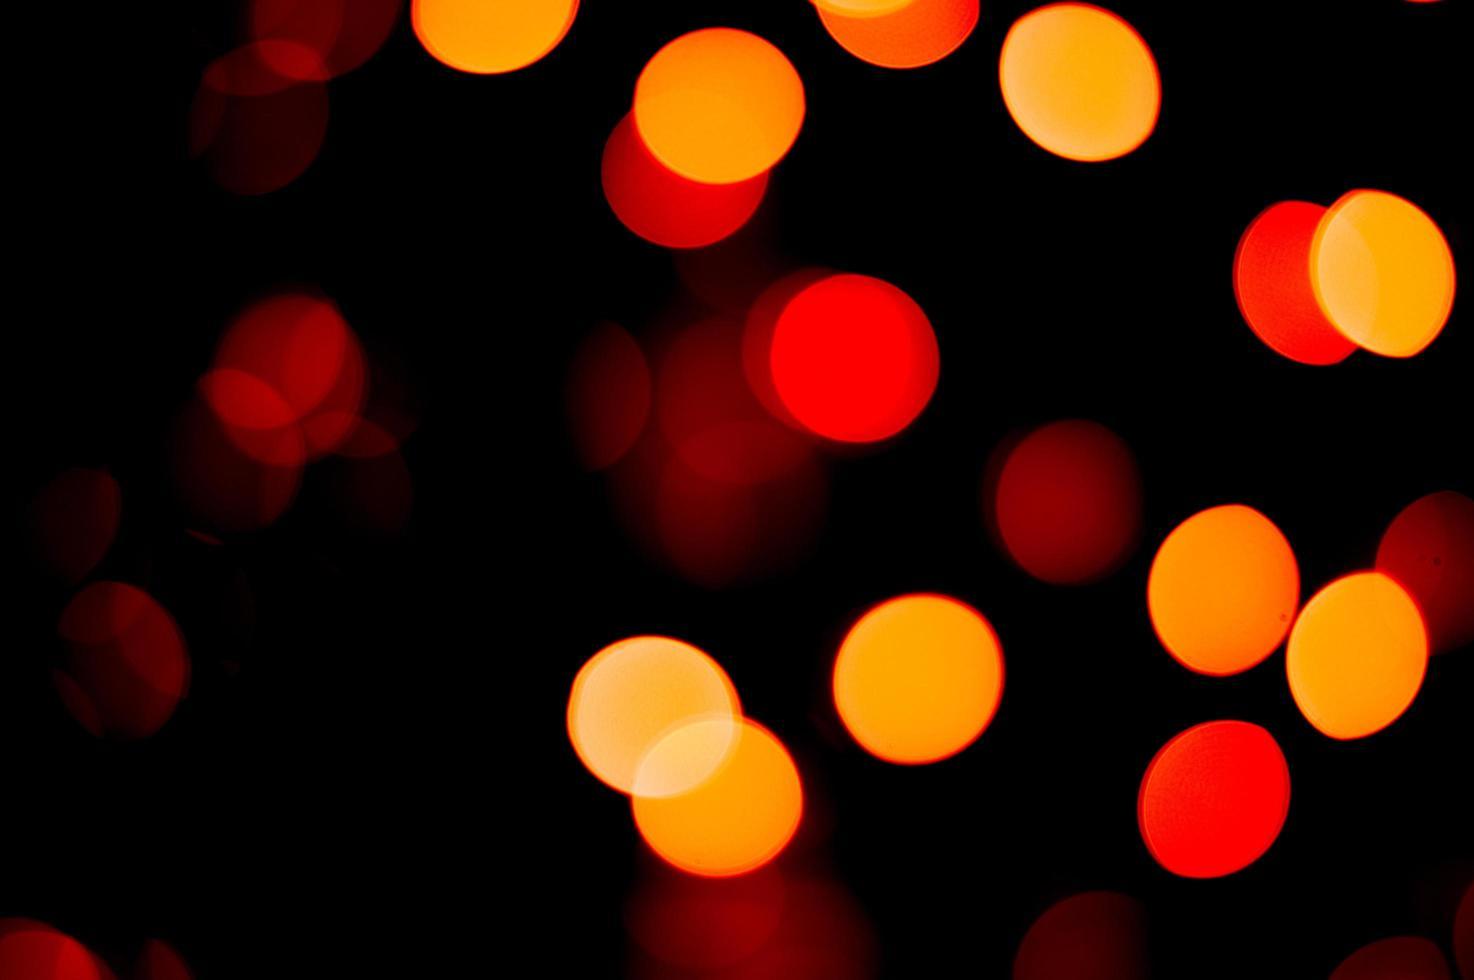 fora de foco luzes vermelhas e amarelas foto